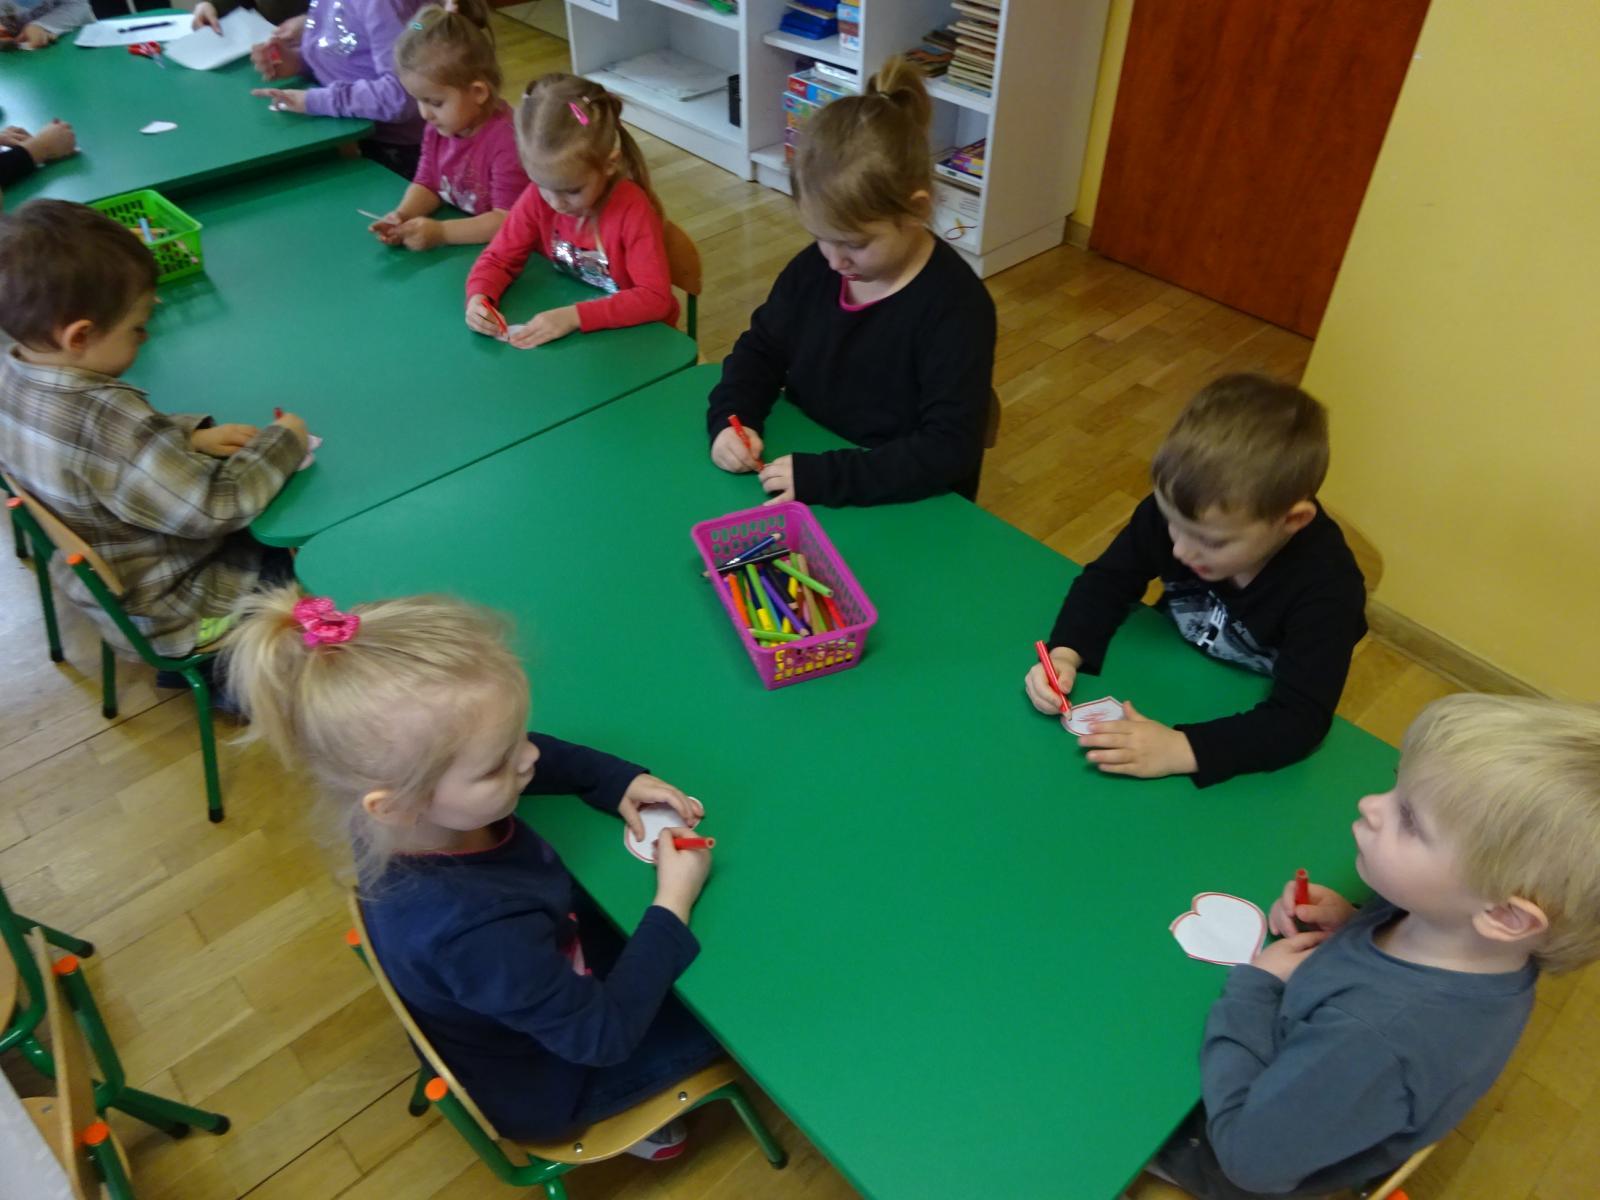 Walentynkowe zabawy przedszkolaków